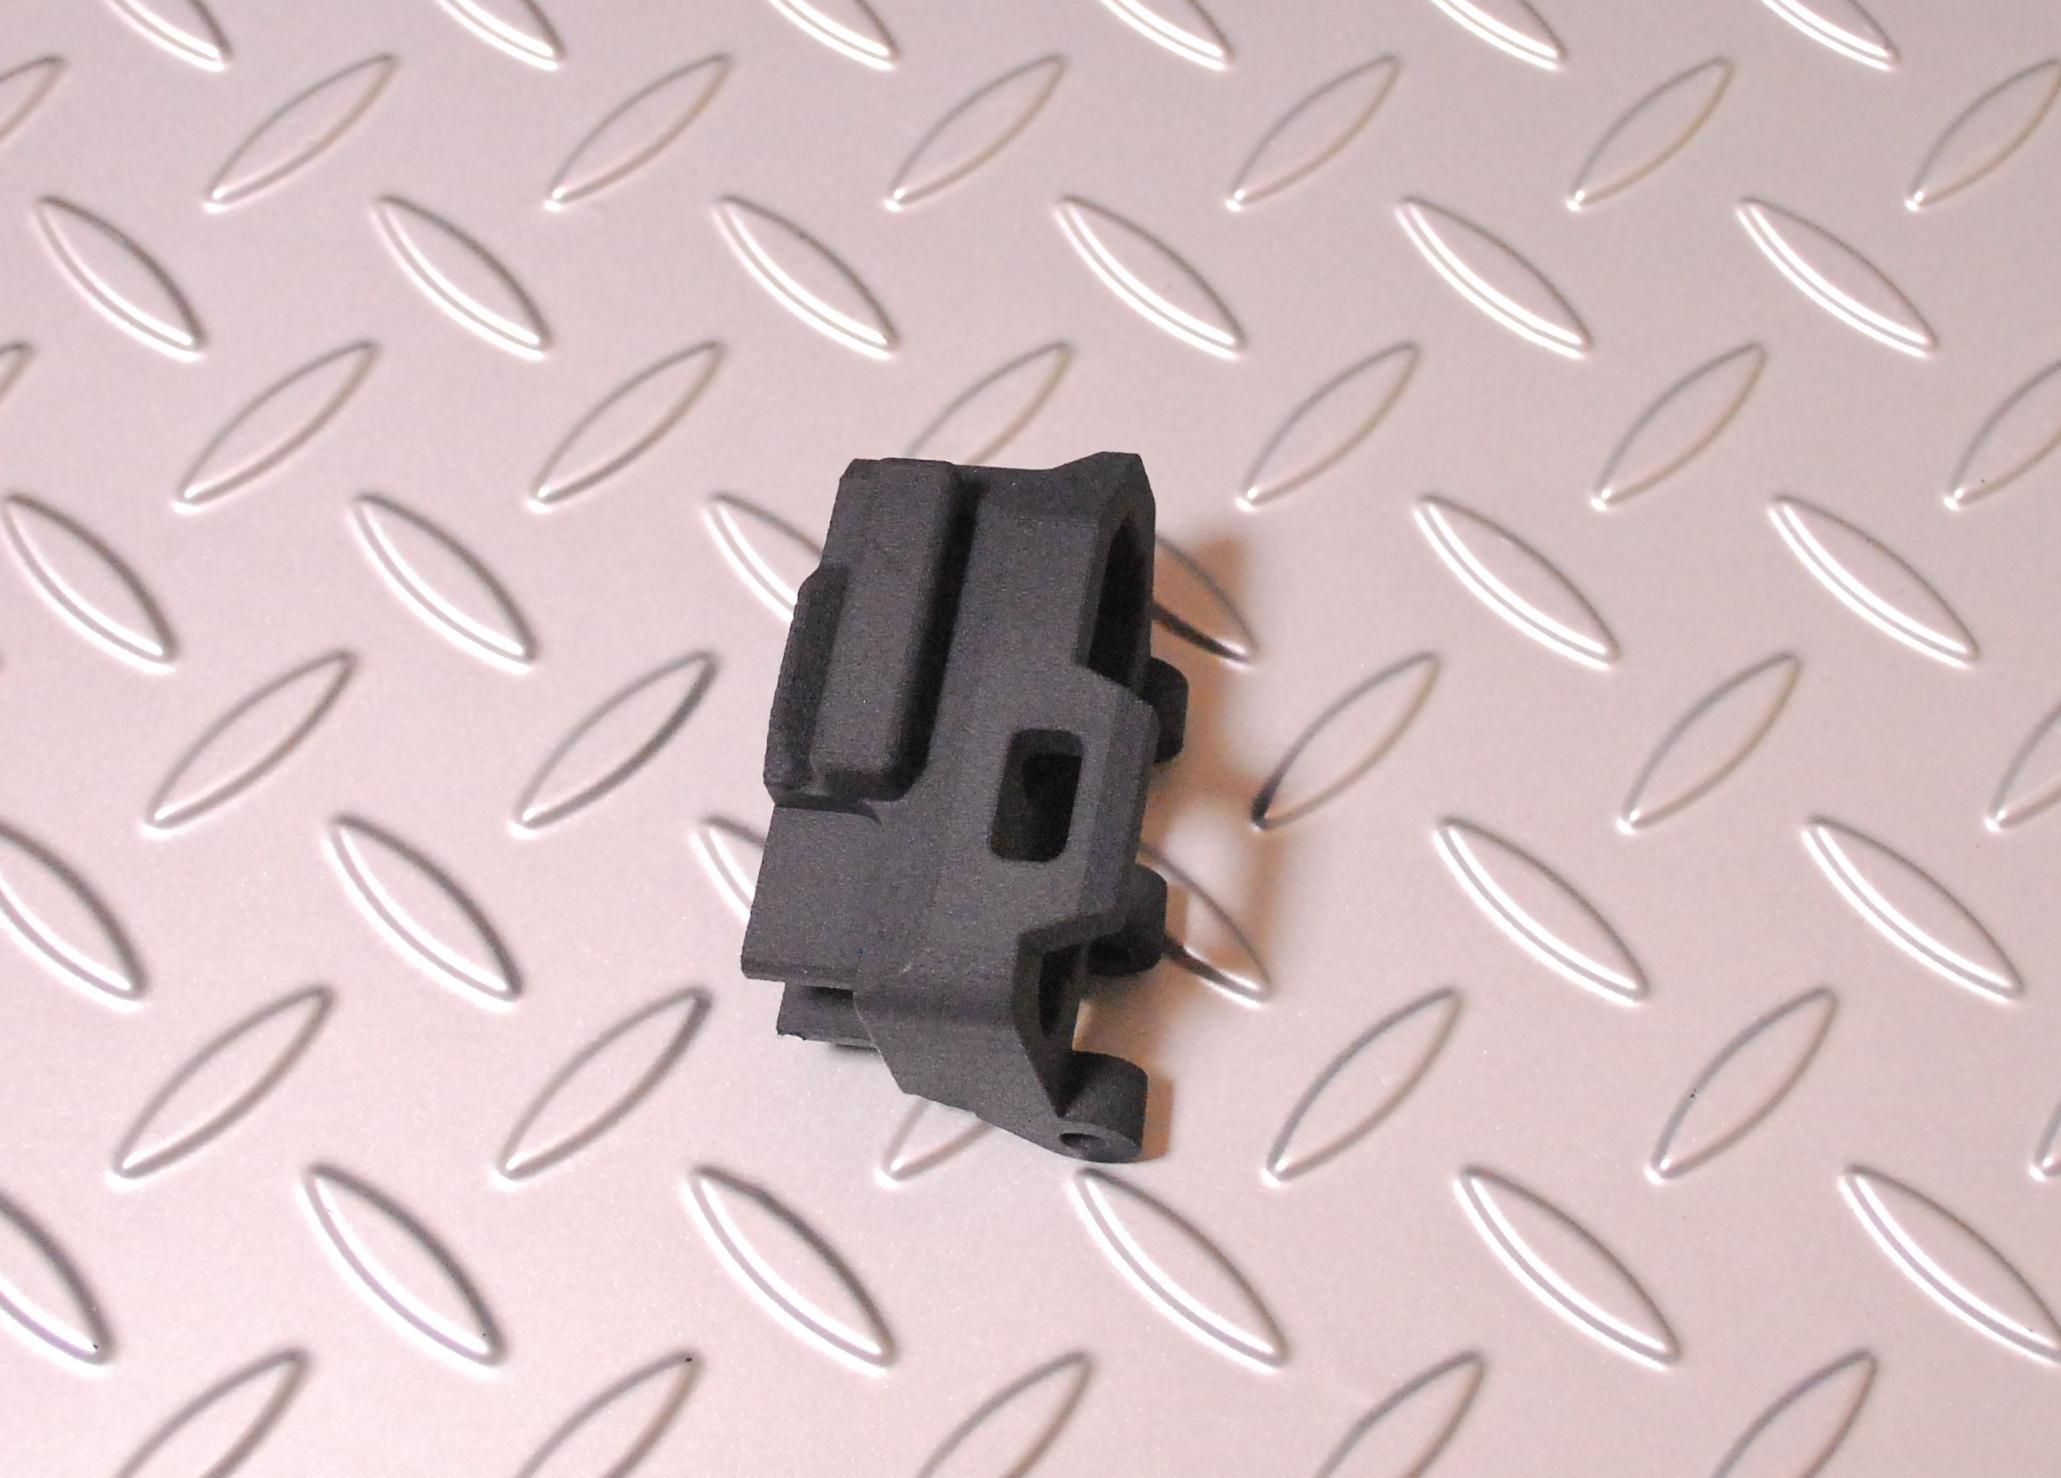 89式小銃用MASADAストックアダプター PTS ACRストック用 電動ガン用ガスブロ対応加工済み